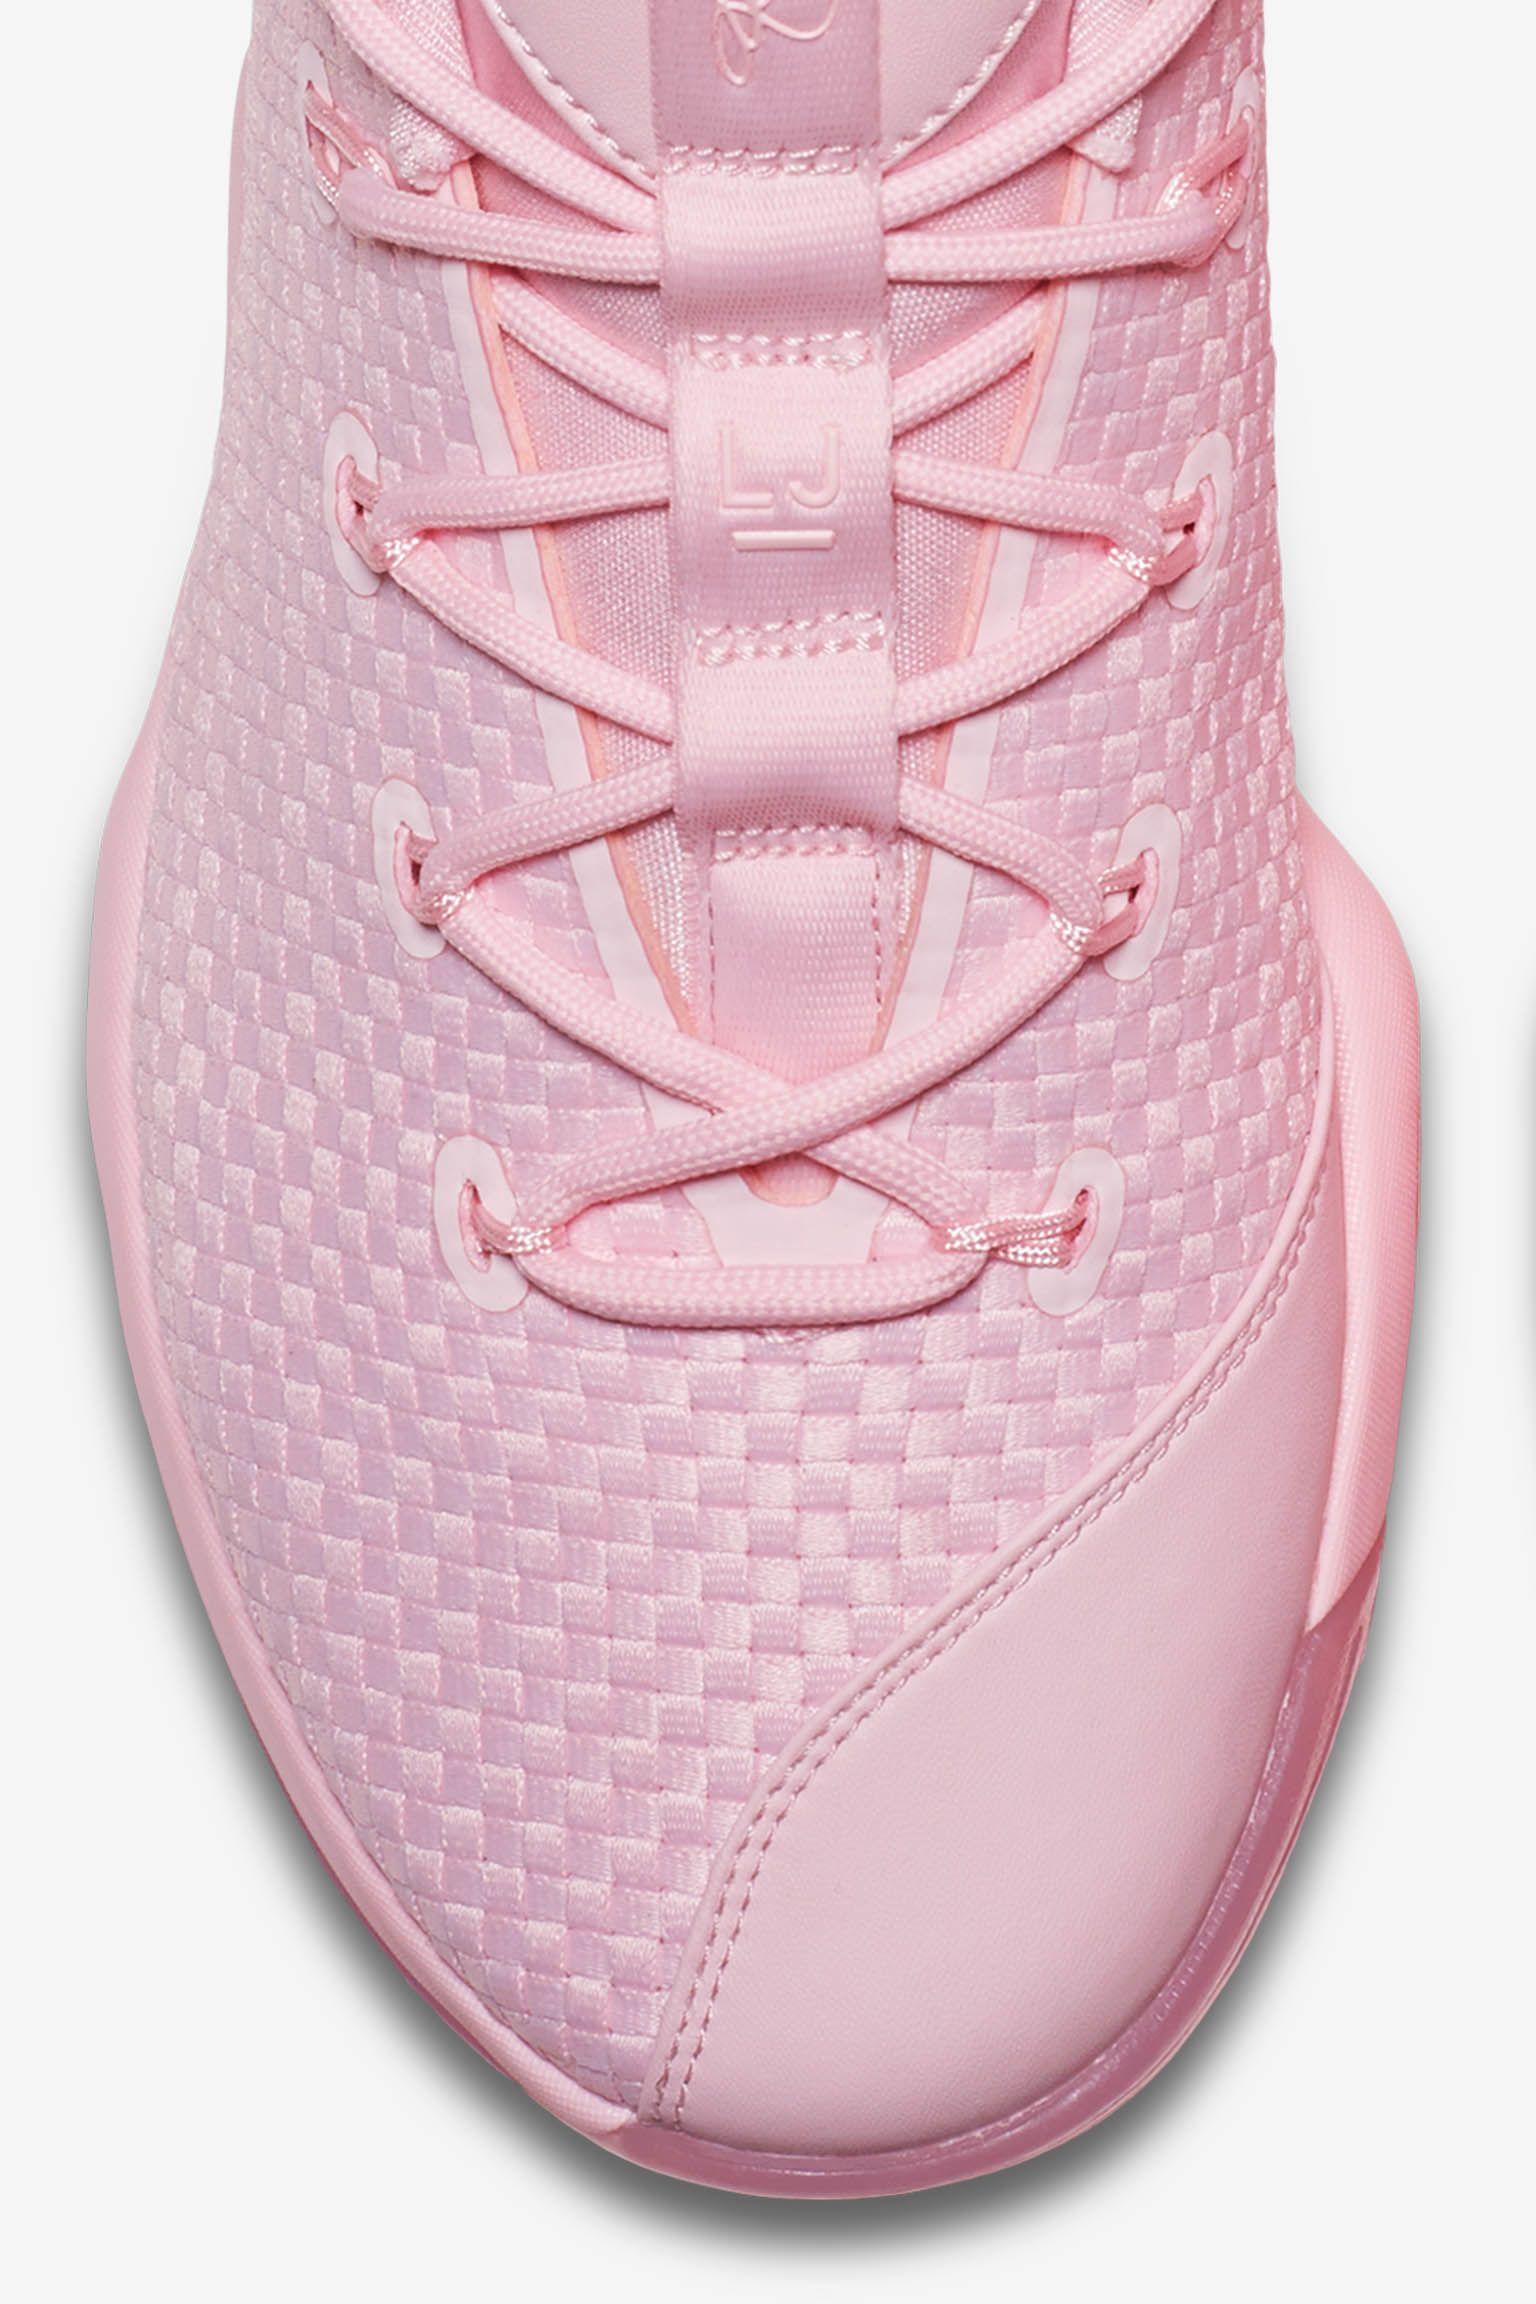 Nike LeBron 14 Low 'Prism Pink'